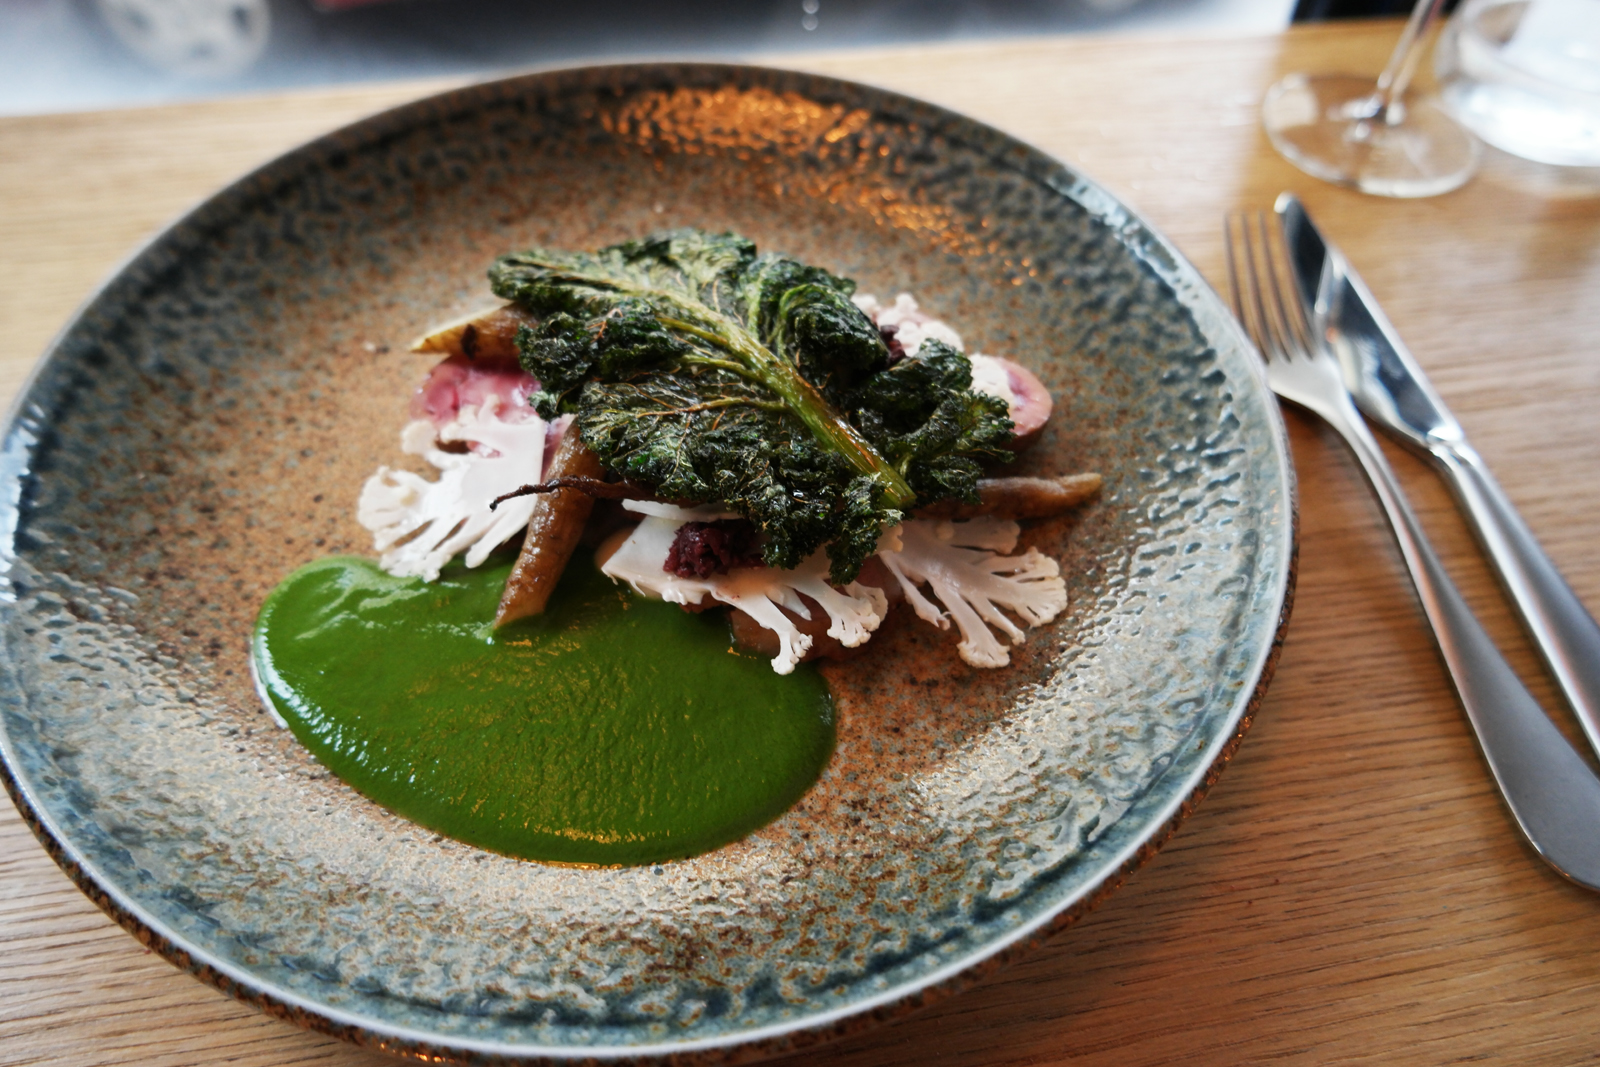 Salt Restaurant Paris chef Daniel Morgan Gigot d agneau rôti salsifie émulsion de kale olives de Kalamata ail plat à la carte formule déjeuner 6 rue Rochebrune 11e photo usofparis blog